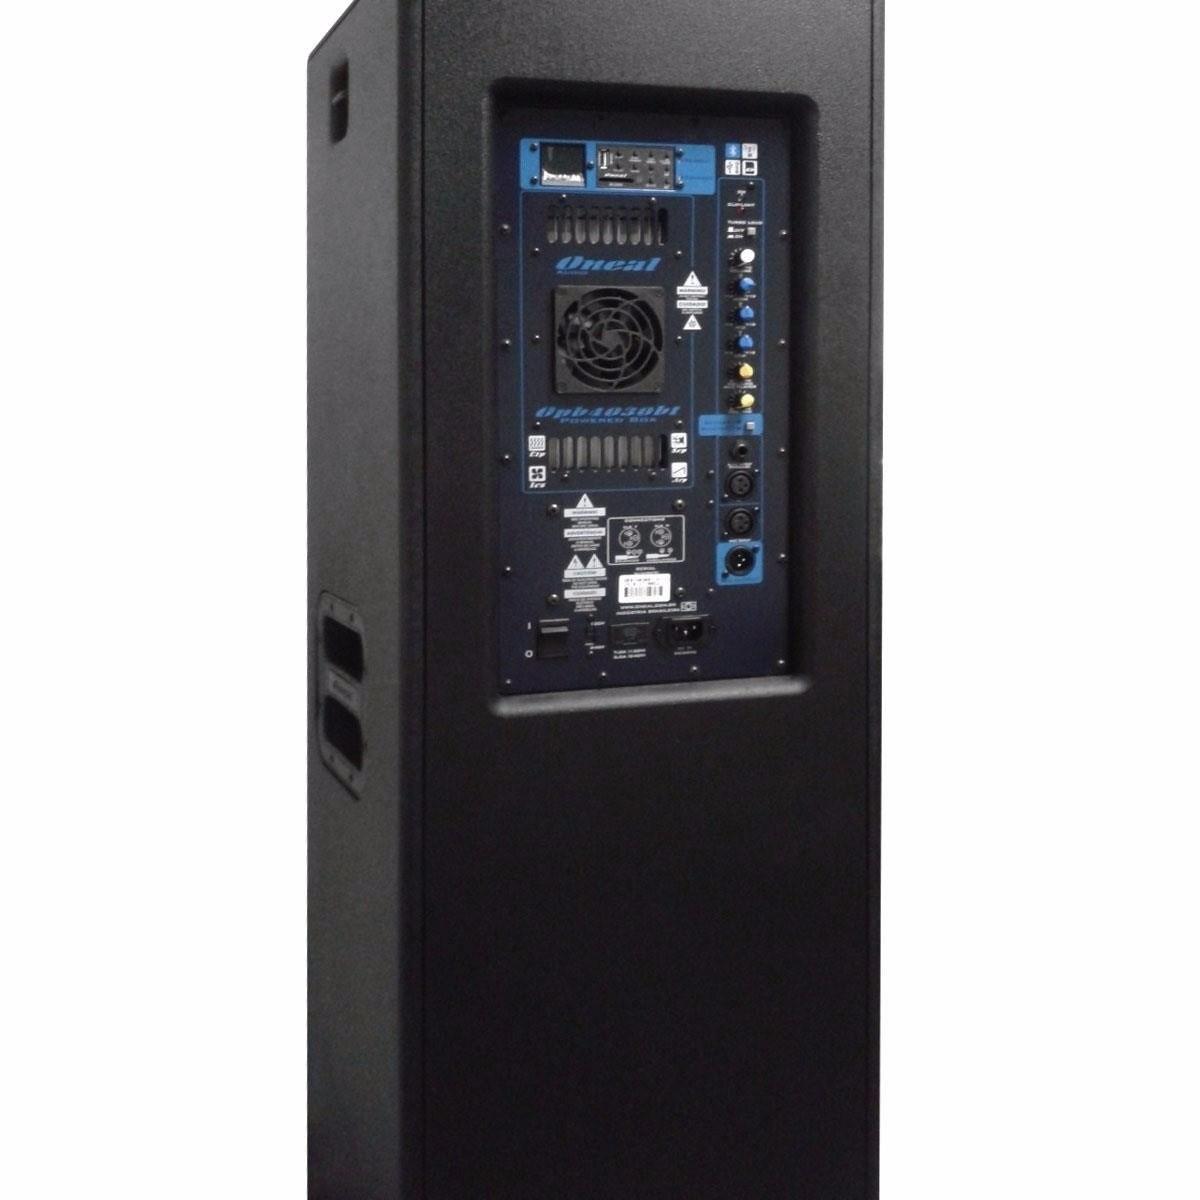 Caixa Ativa Oneal 2 x15 OPB5050 Bt 1300w Bluetooth USB FM